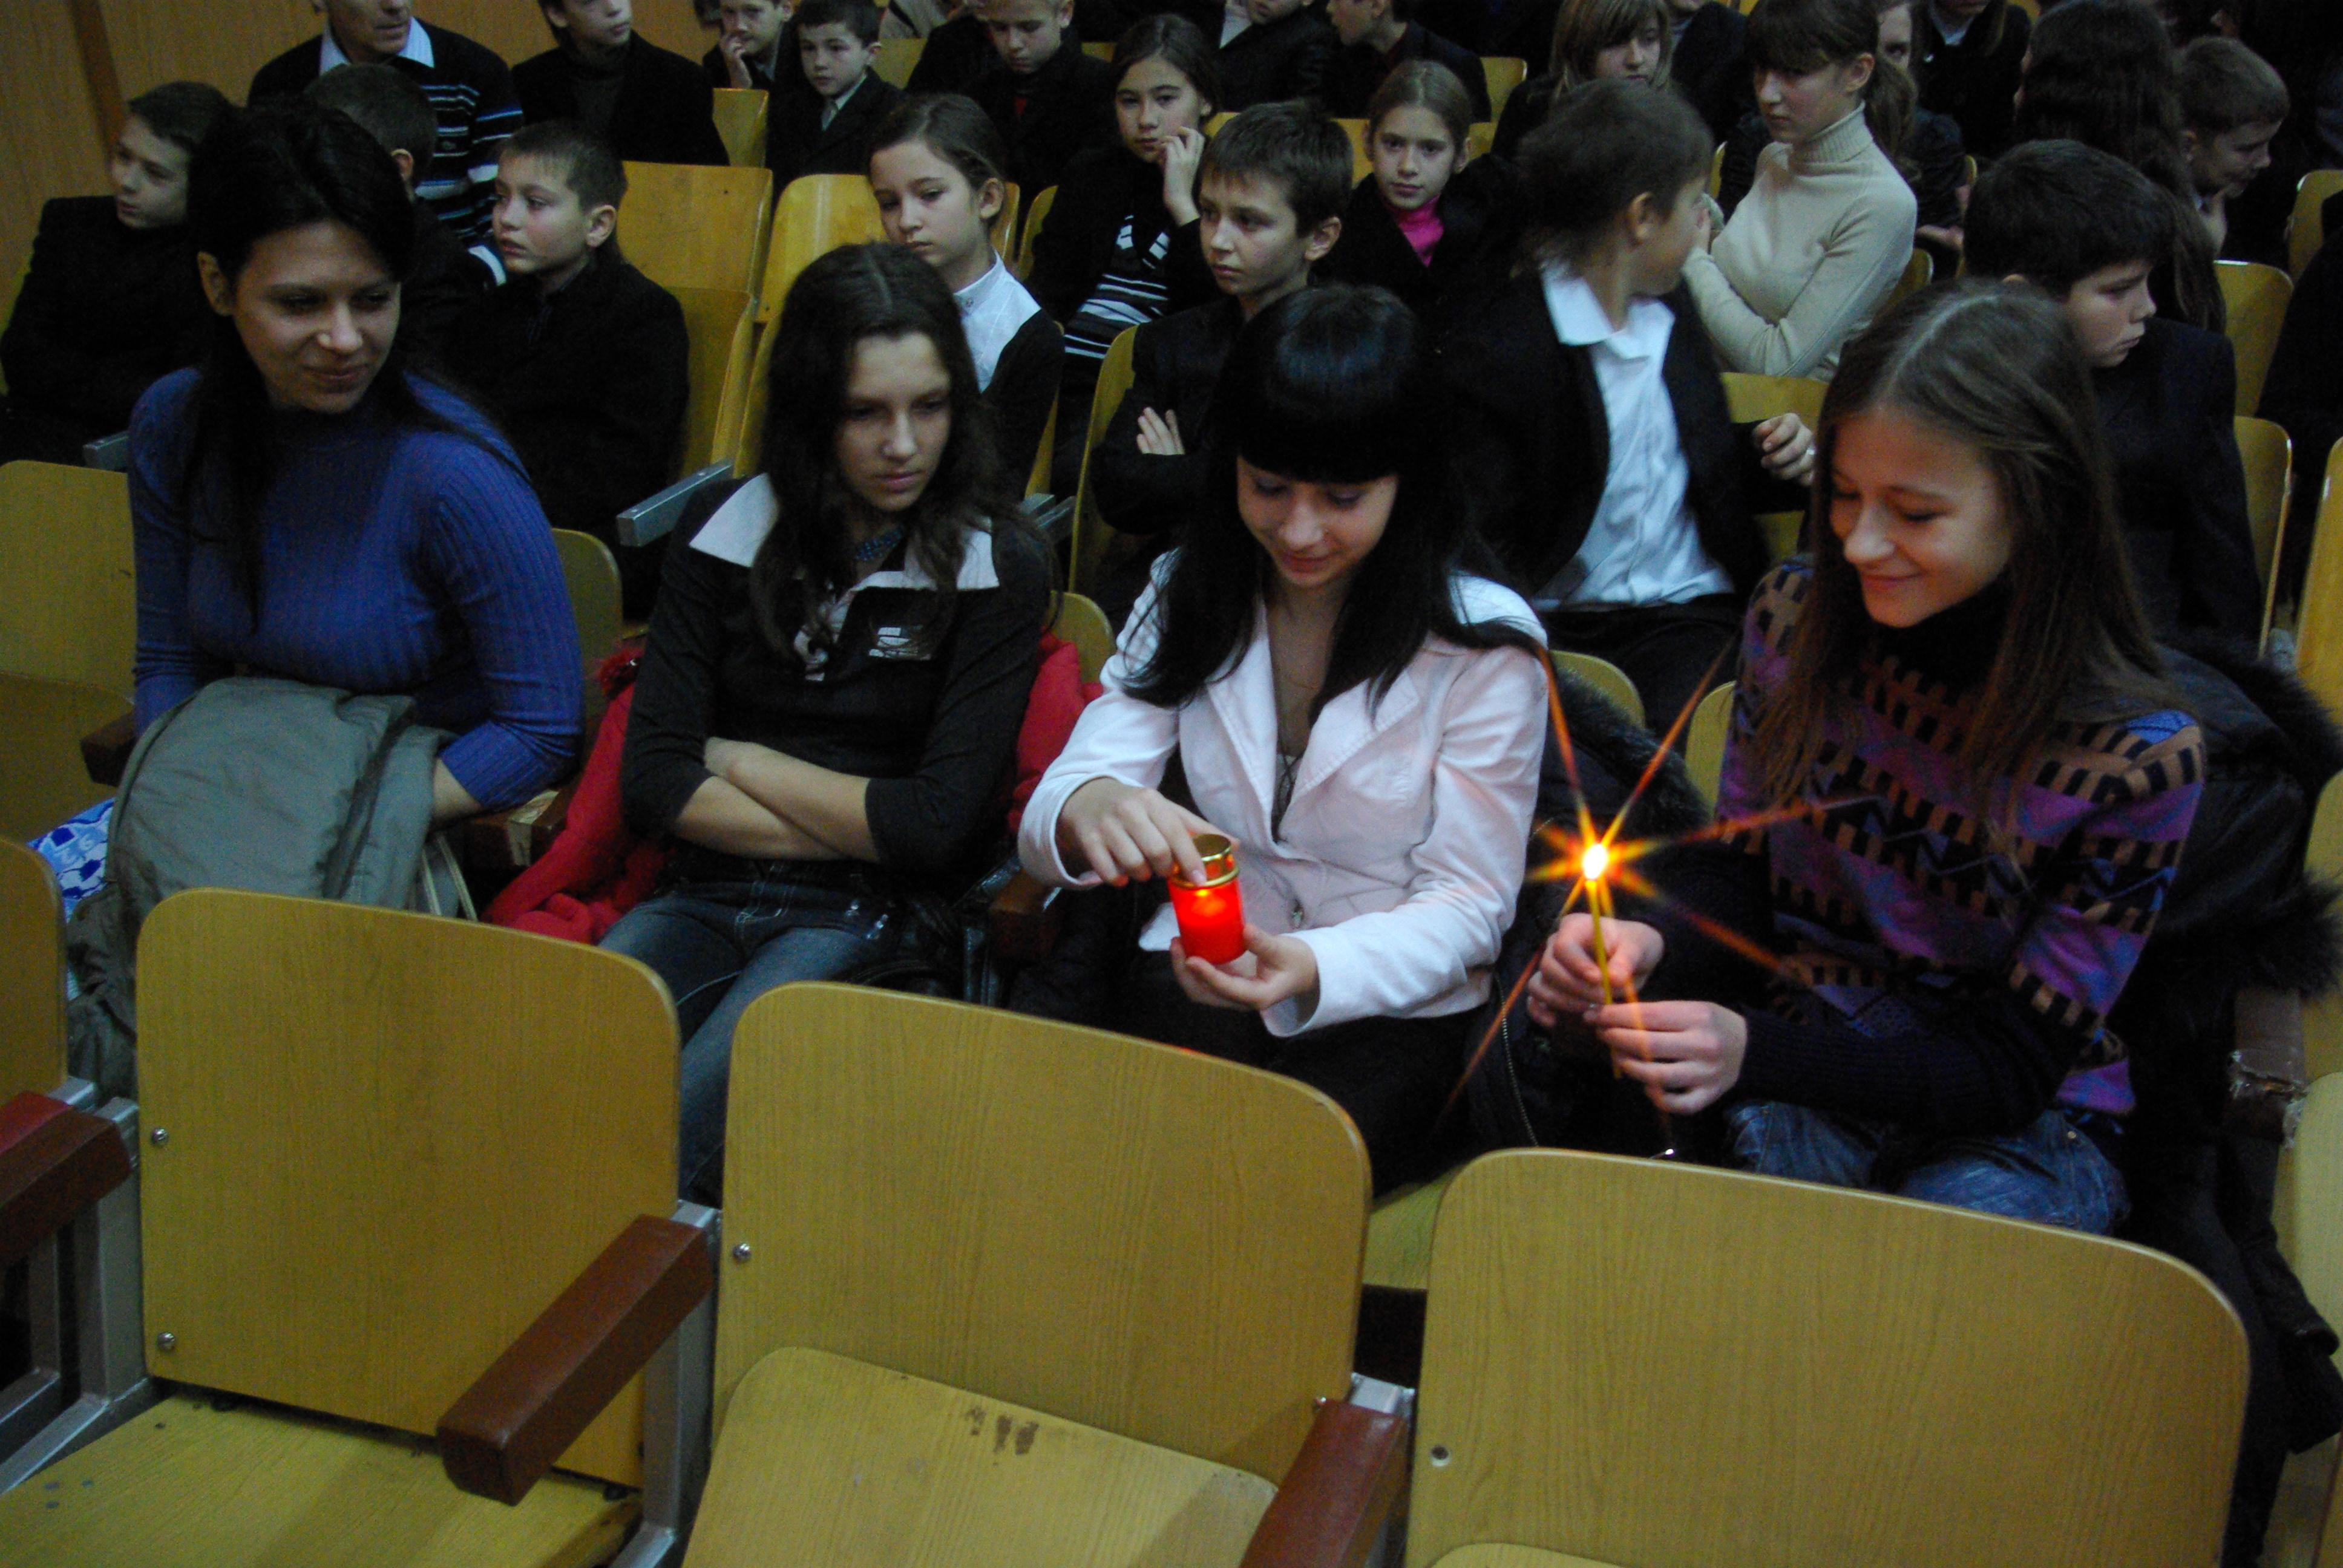 """Вифлеємське Світло Миру 2008 в Черкасах. Світло Миру Загальноміська акція ВСМ ОУС в Черкасах. Колегіум """"Берегиня"""""""